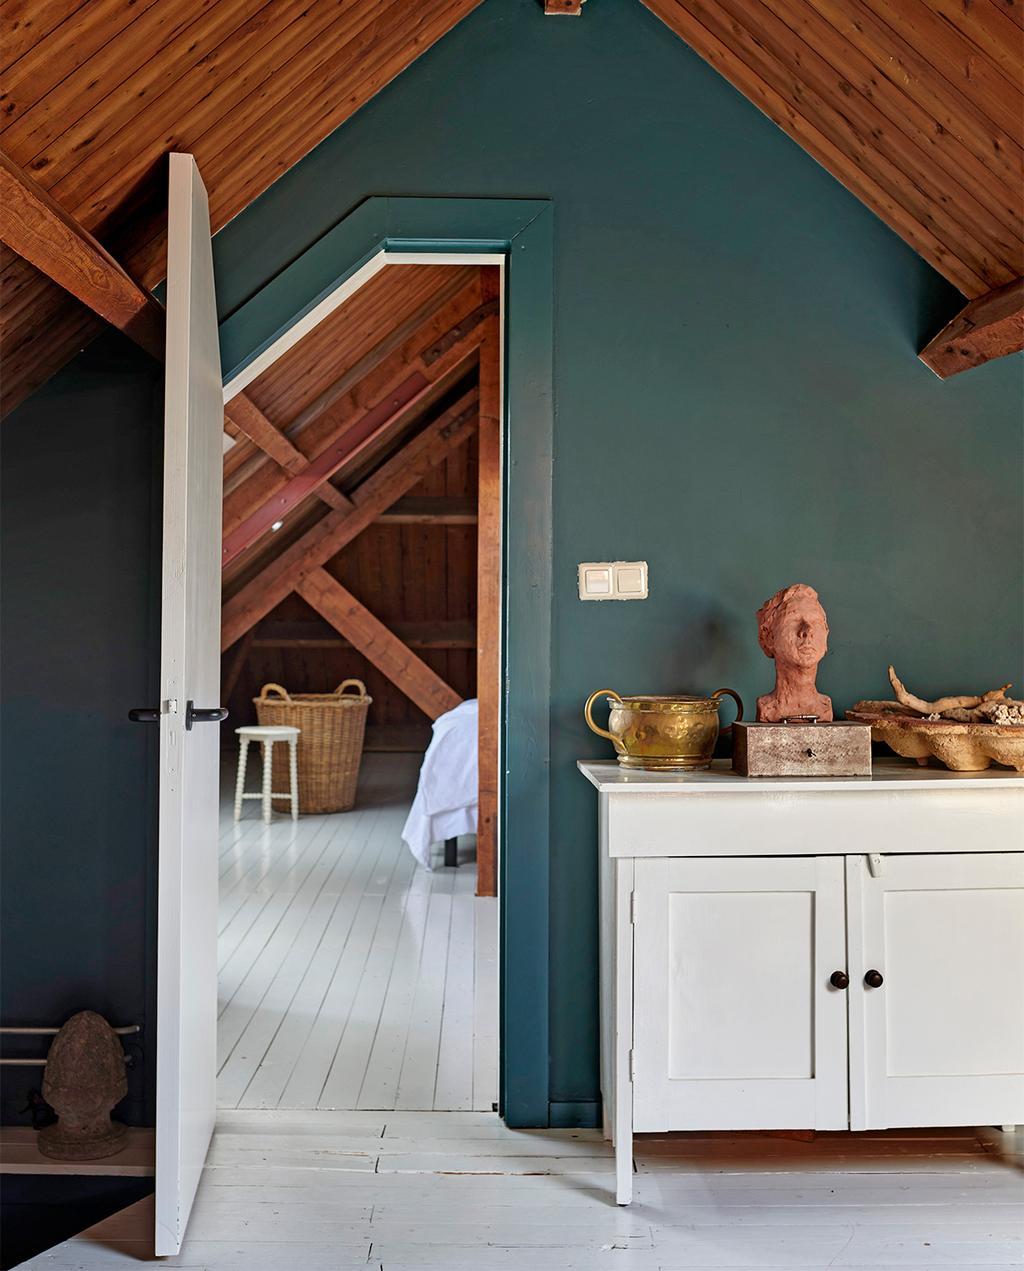 vtwonen 07-2021 | zolderkamer met groene muur en een hapje uit de deur